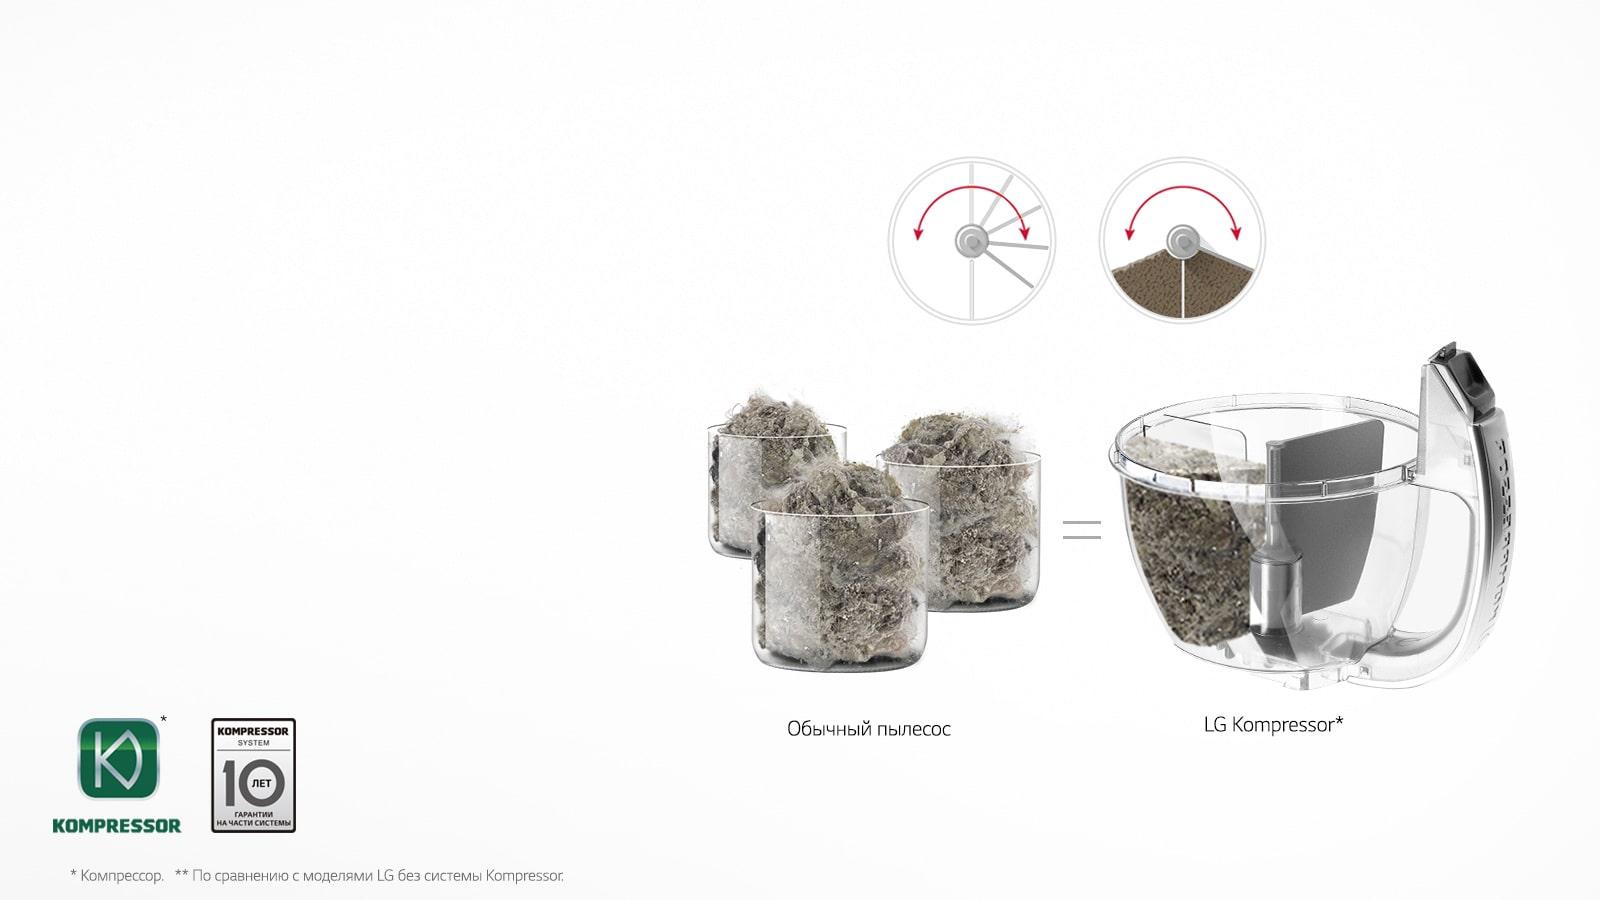 Kompressor - тройное спрессовывание пыли